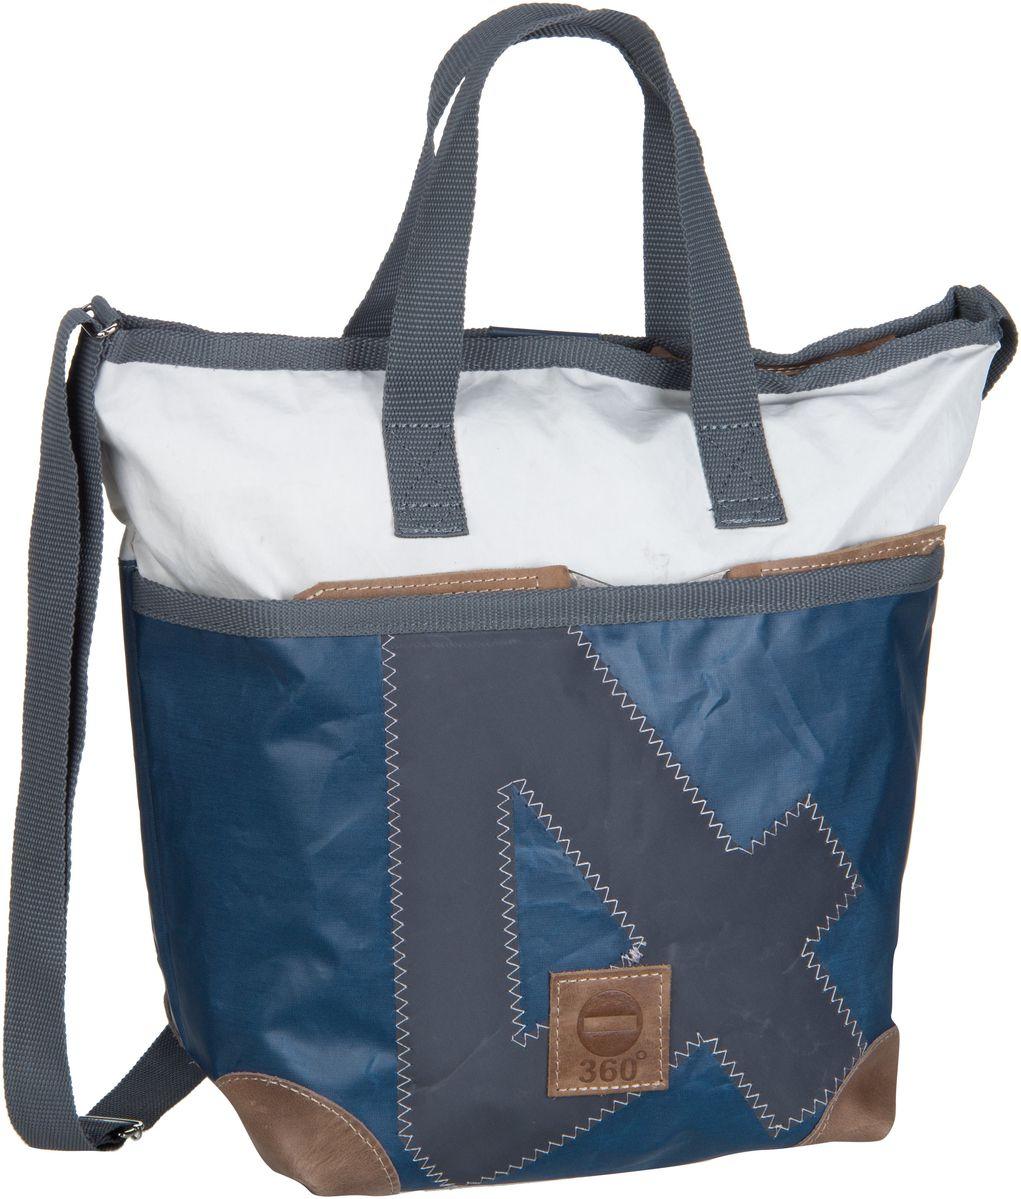 Handtasche Deern Mini Blau/Weiß mit grauer Zahl